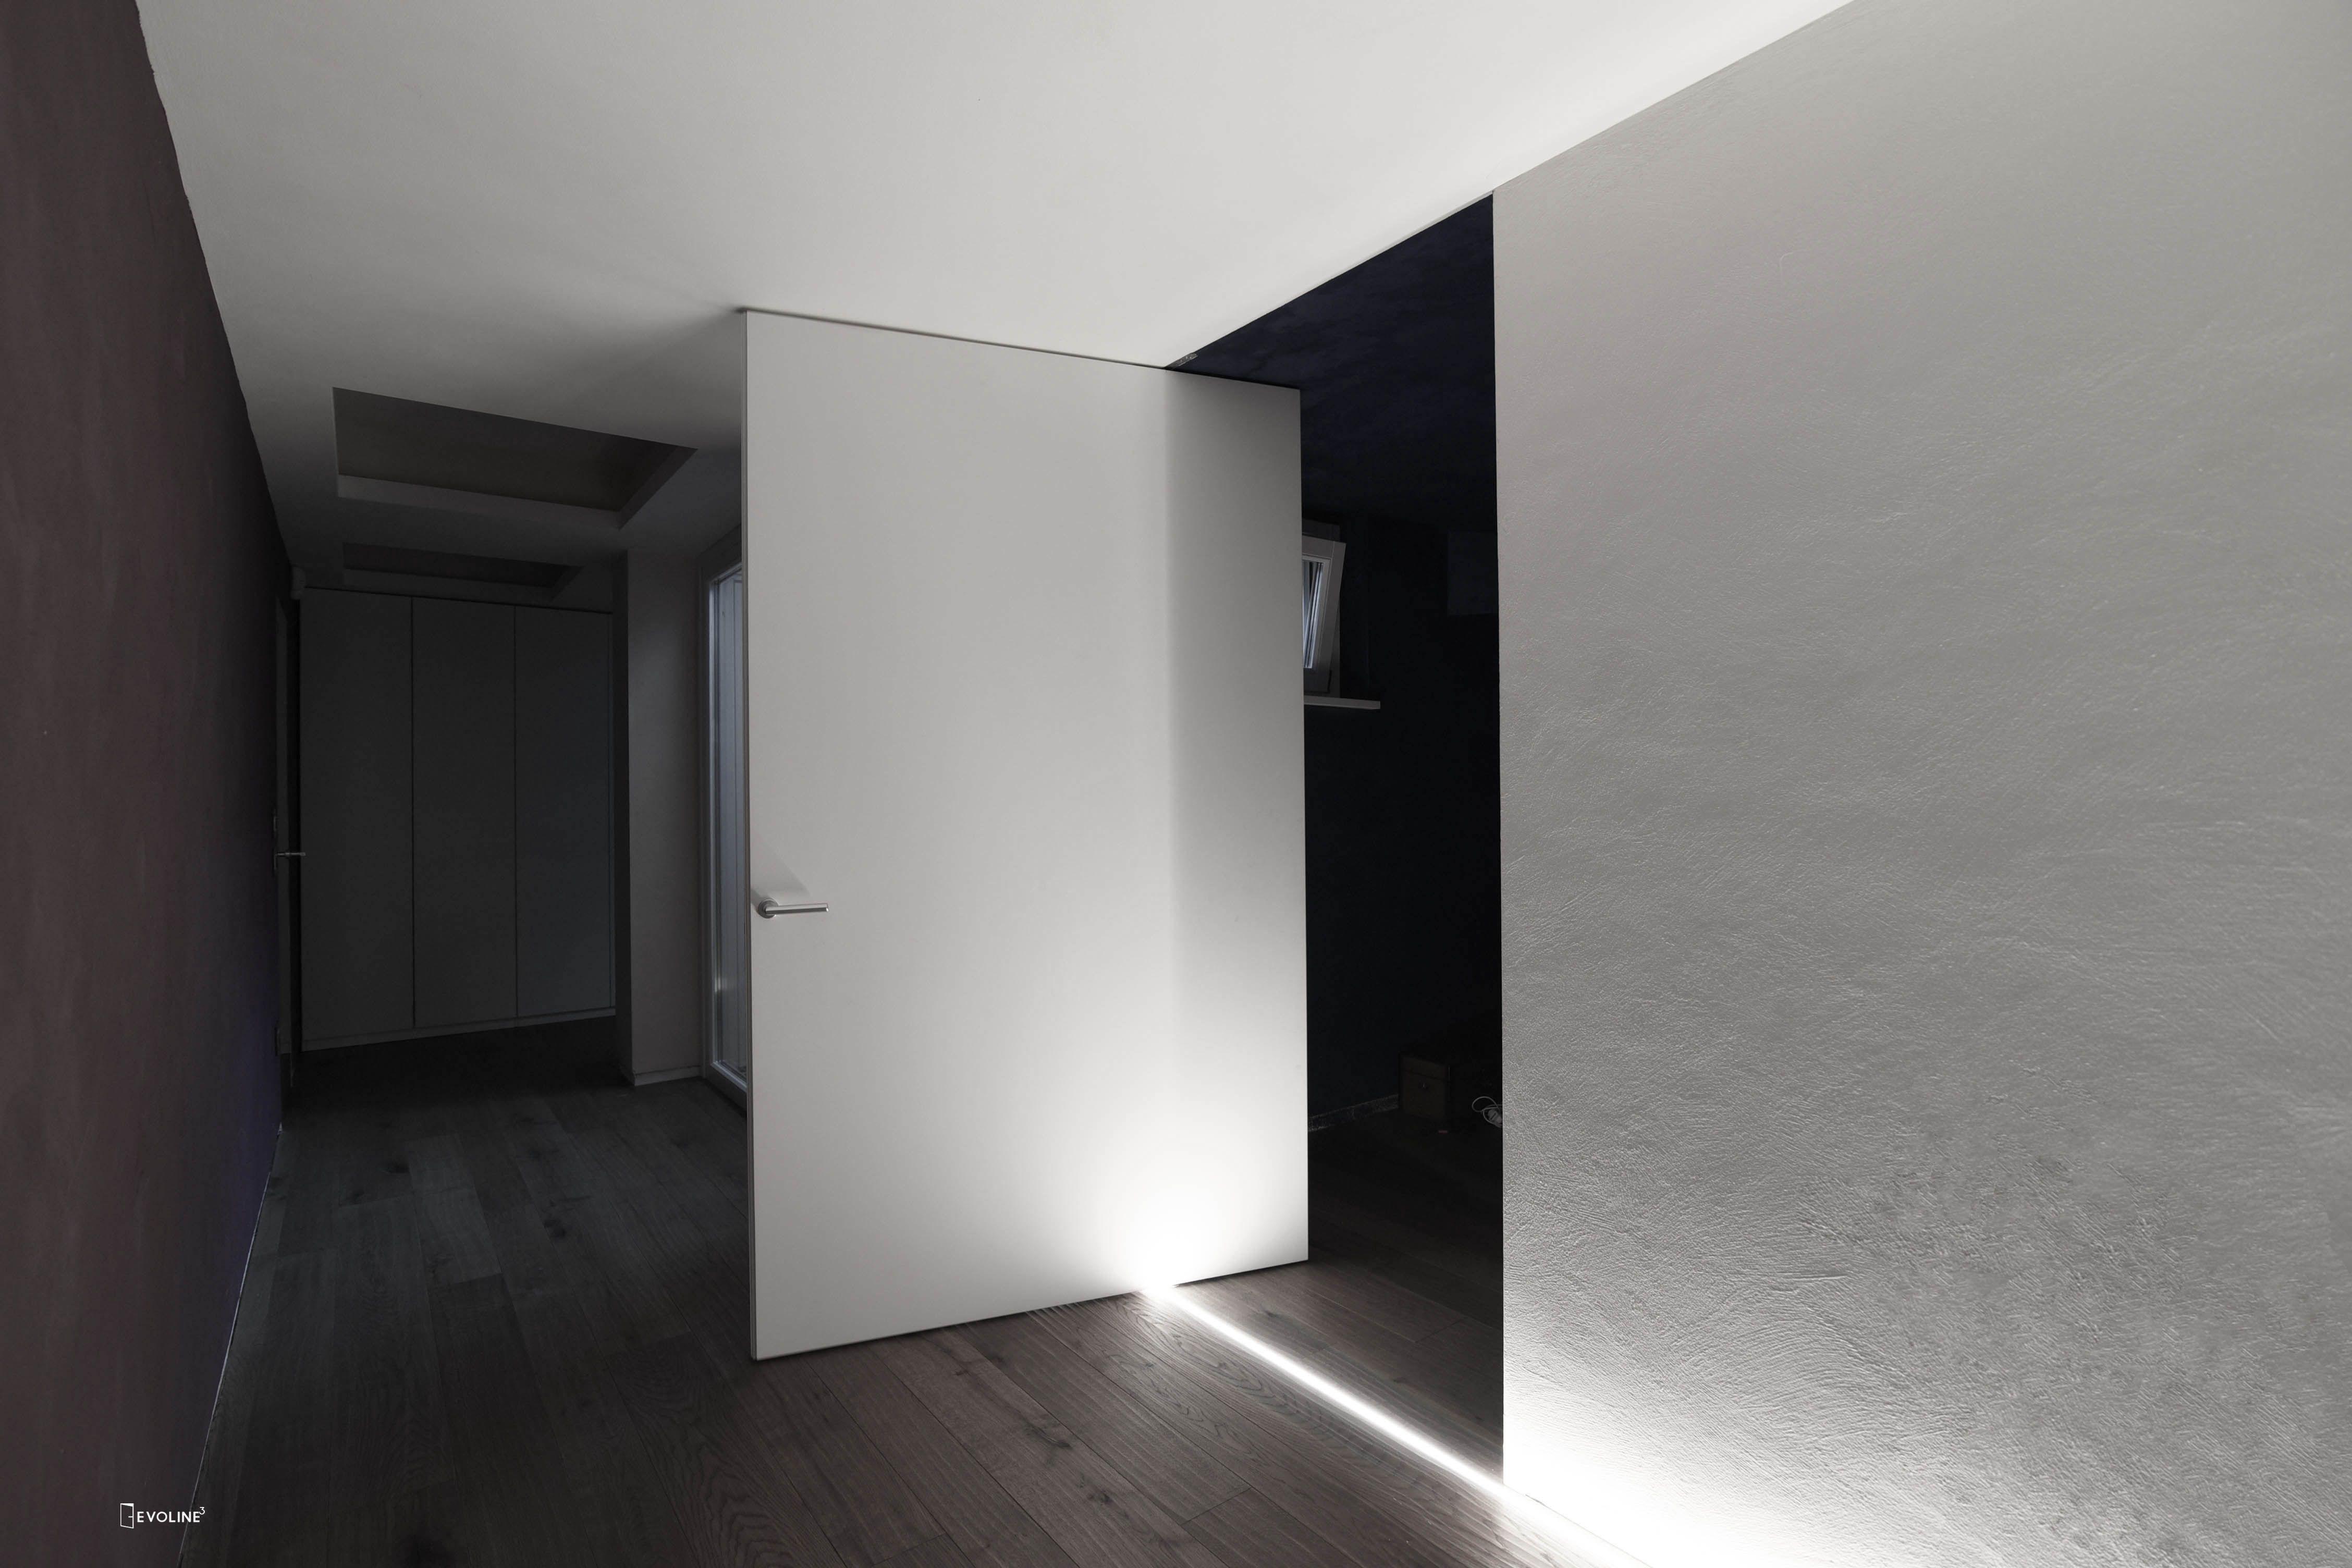 Porta filo muro bilico | Einzelhaus plan | Filo und How to plan